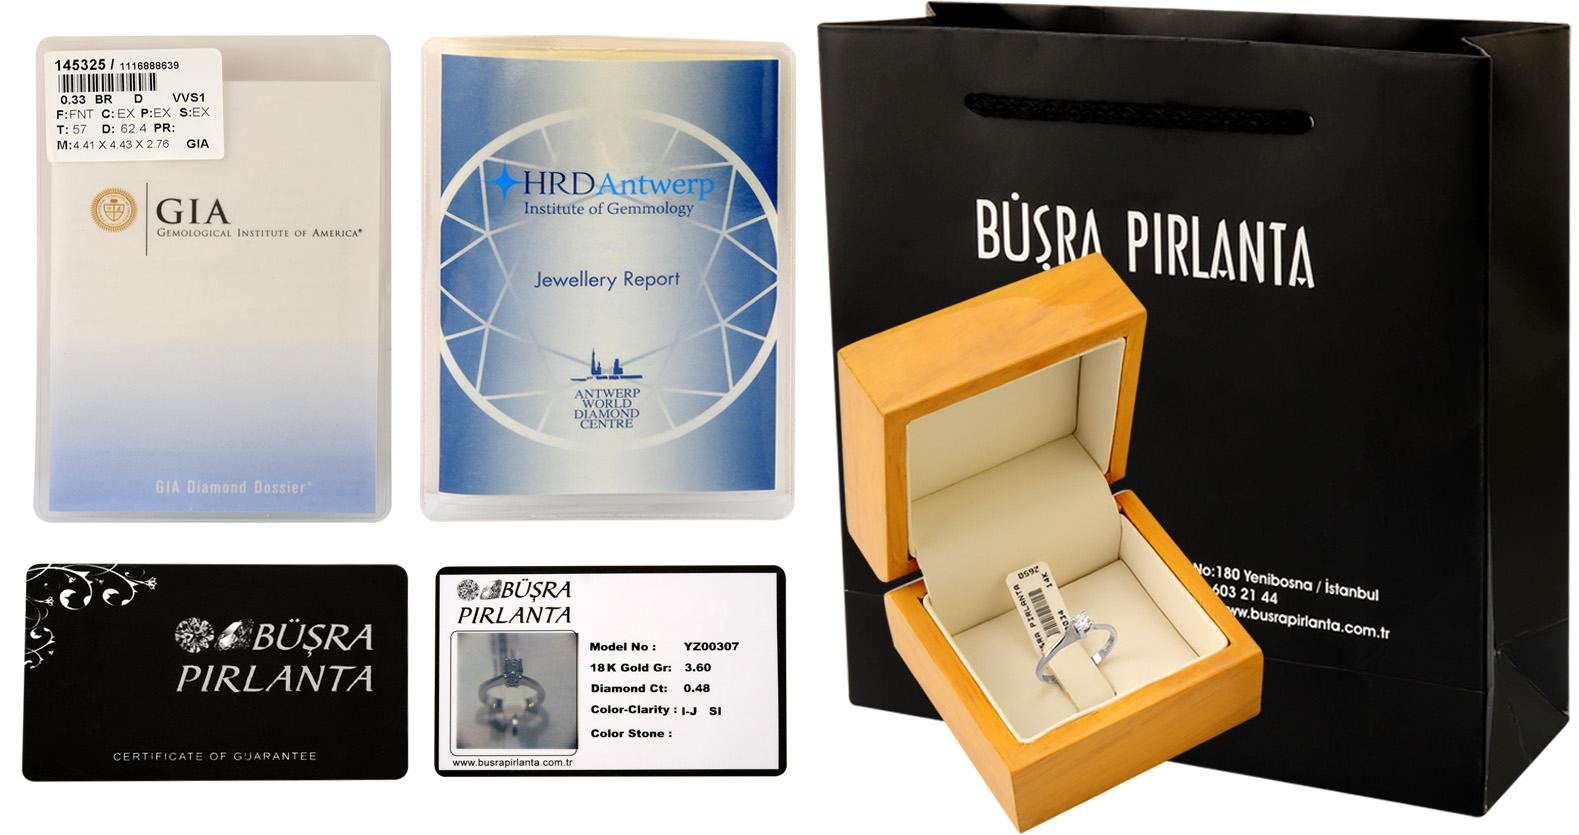 Pırlanta Sertifikası, Uluslararası sertifika, GIA, HRD